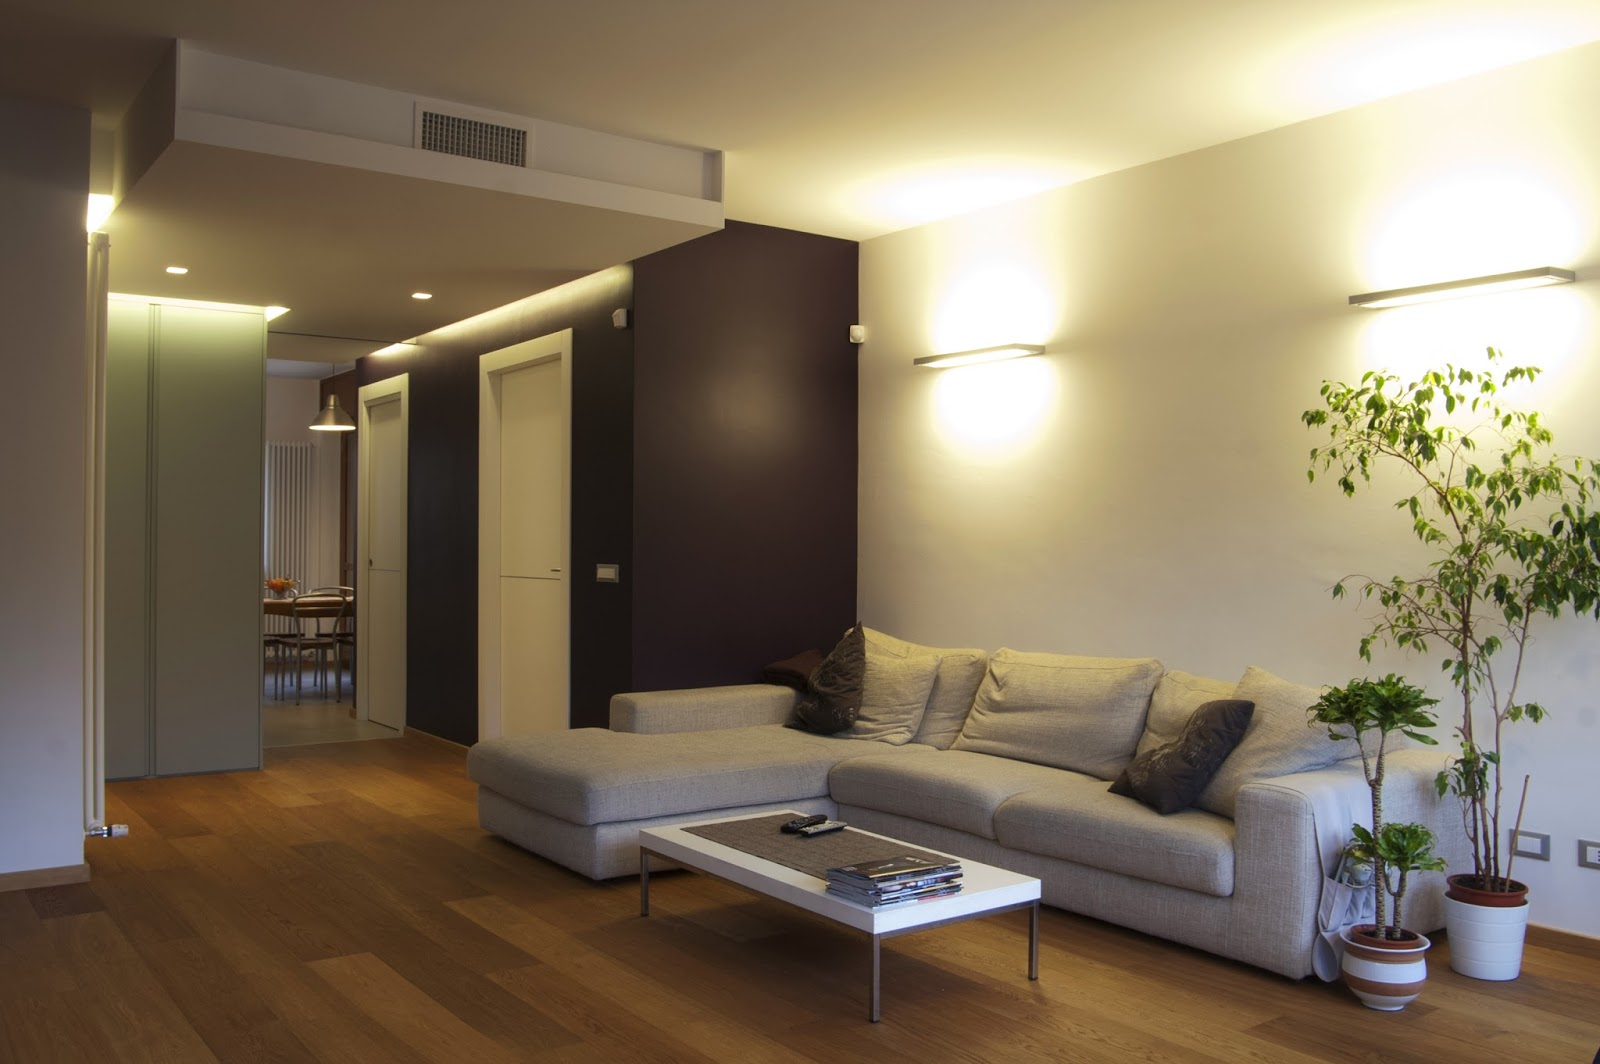 Illuminazione soggiorno con travi a vista appartamento